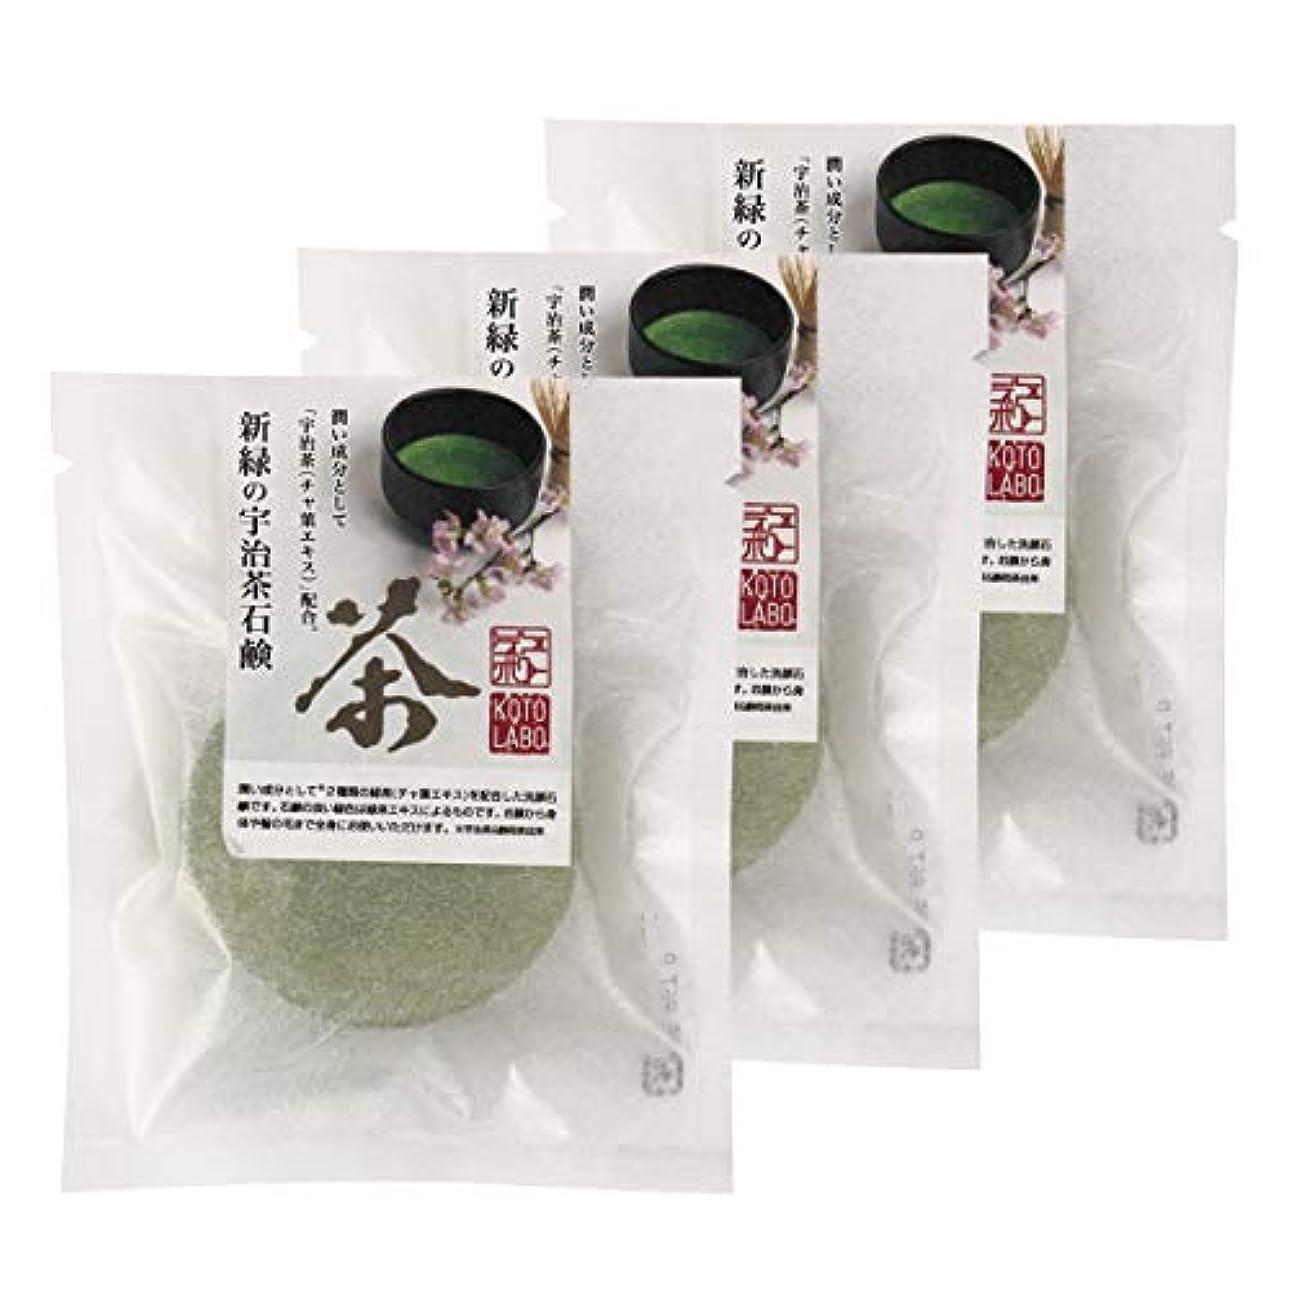 ジョイント豊富になんとなくコトラボ 新緑の宇治茶石鹸 40g×3個セット (お顔?全身用)